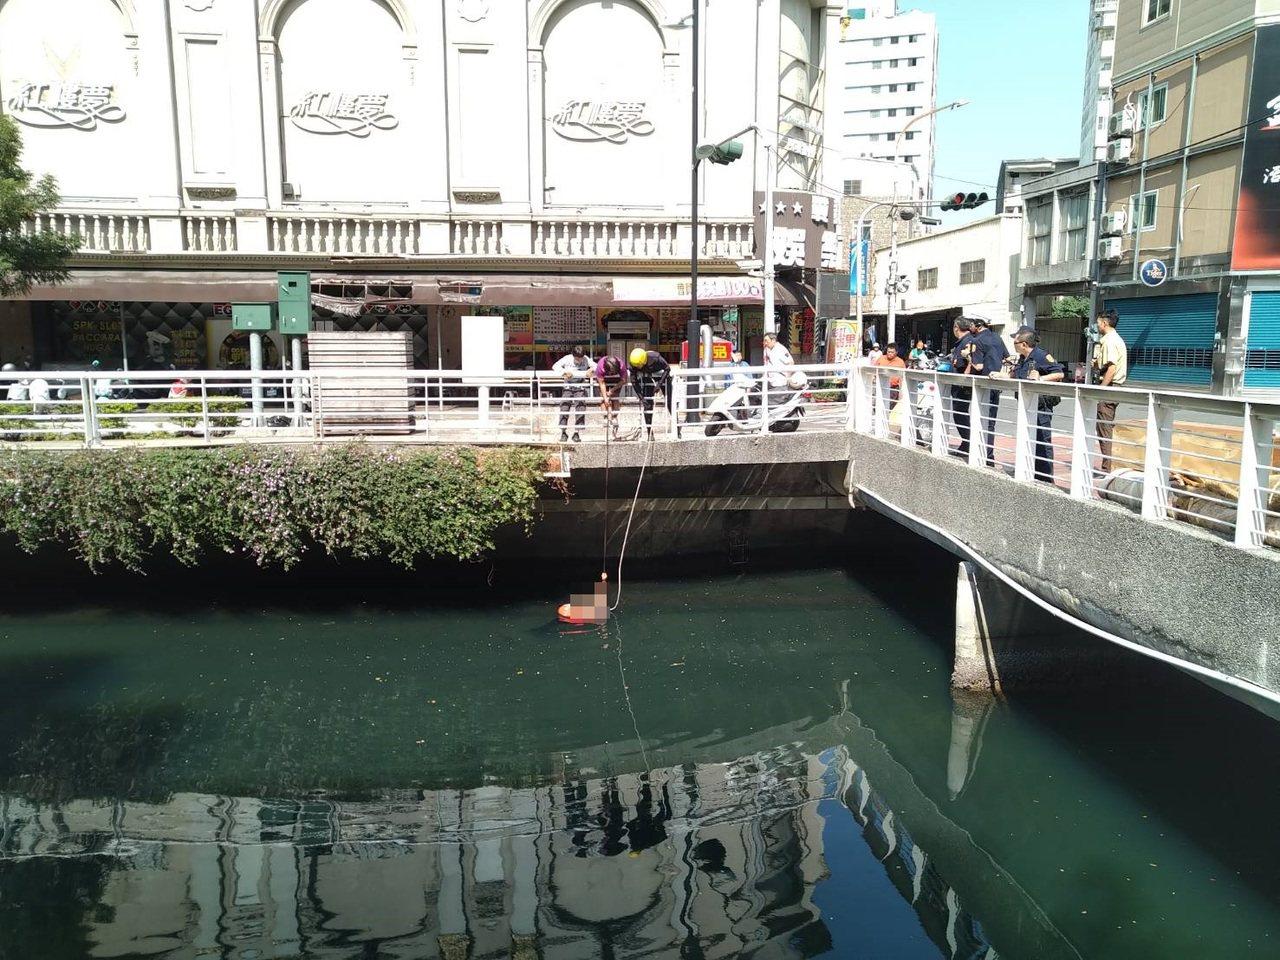 陳姓男子今天在高雄幸福川落水,1婦人和消防隊以繩索拉住他。記者林保光/翻攝